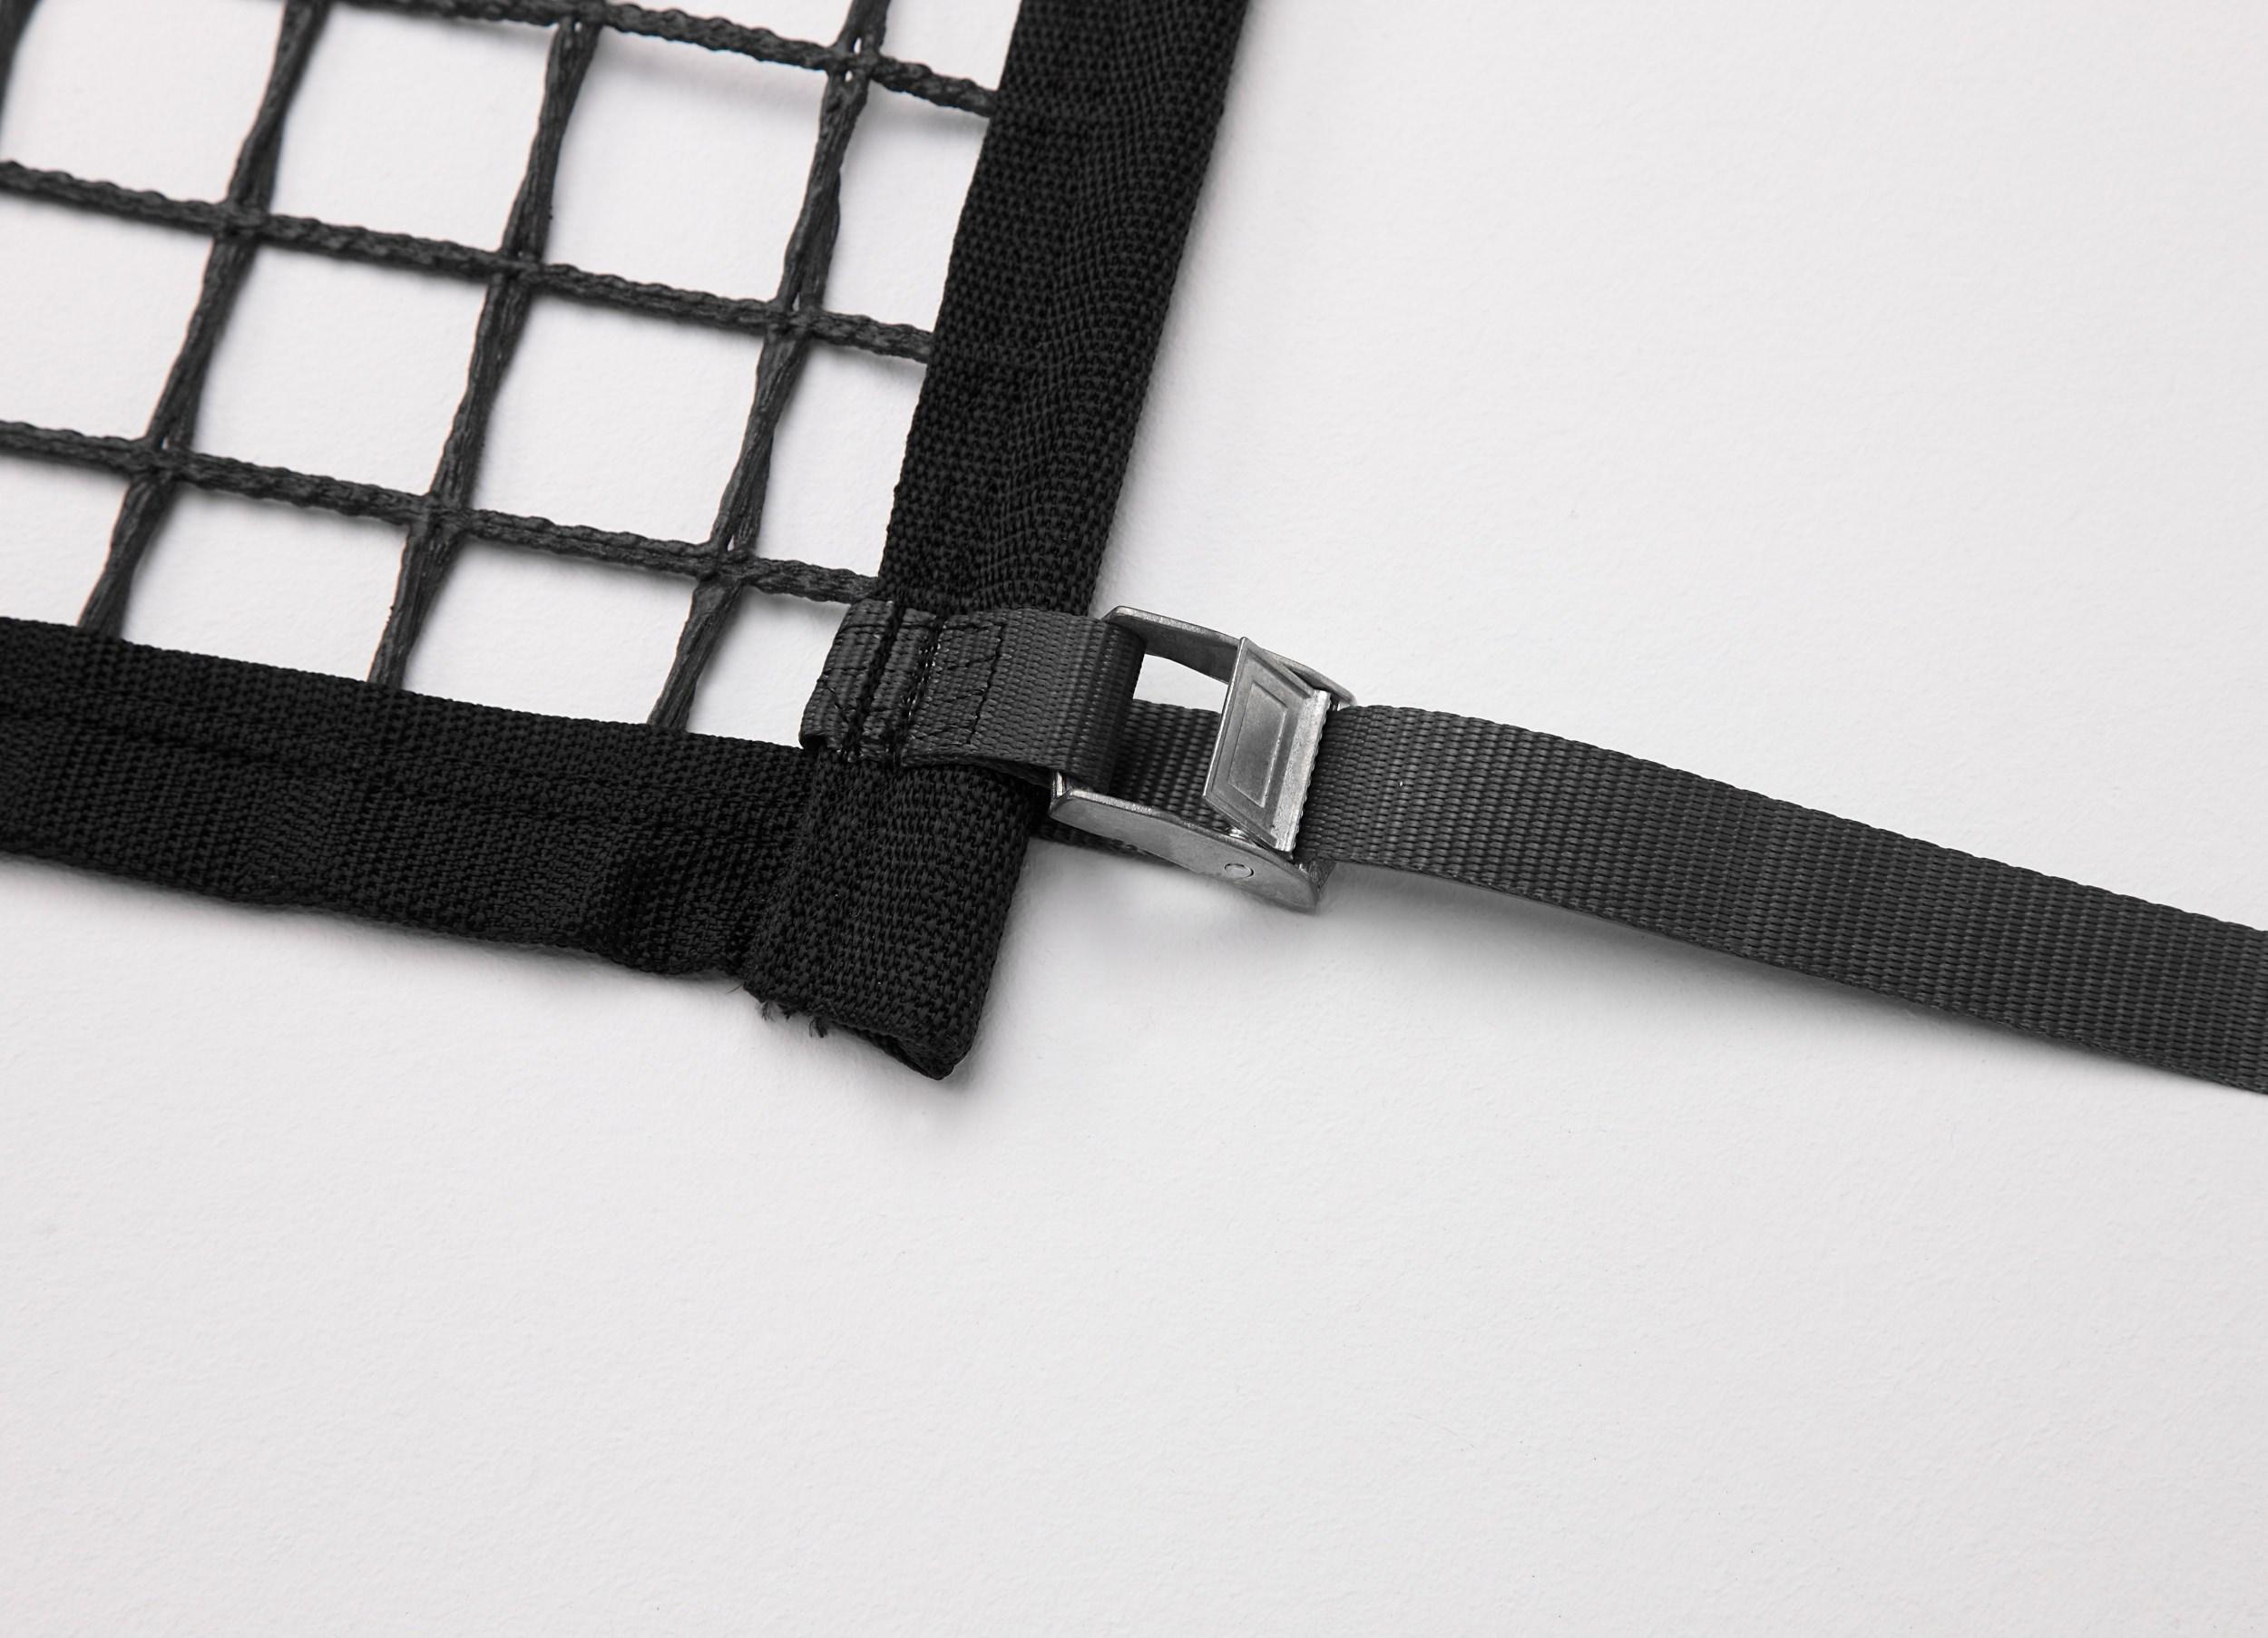 netz f r hofeinfahrten meterware schutznetze24. Black Bedroom Furniture Sets. Home Design Ideas